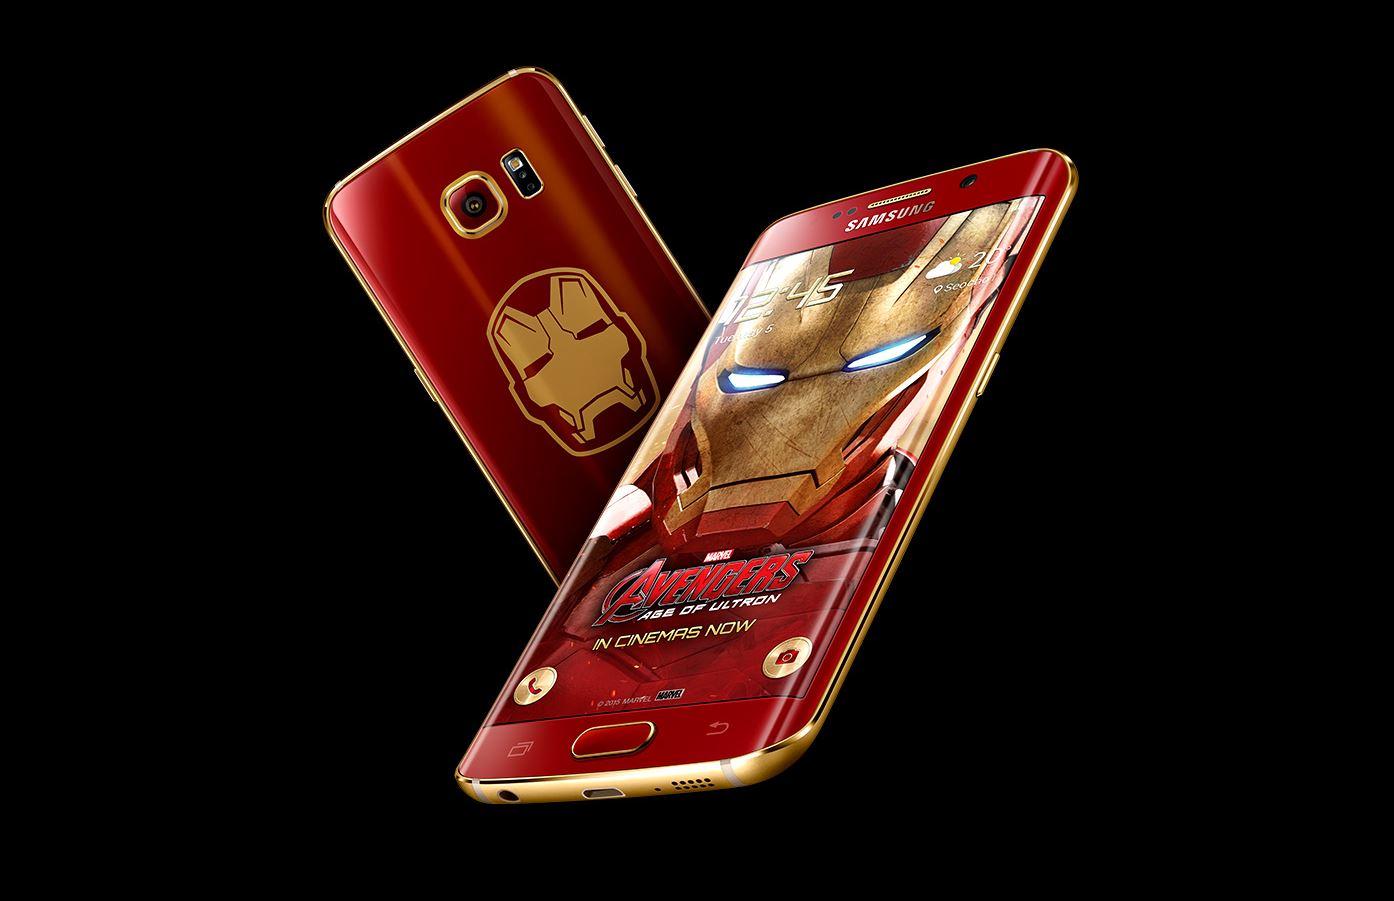 ثيم Iron Man لهاتف النوت 5 وجميع هواتف الأس 6